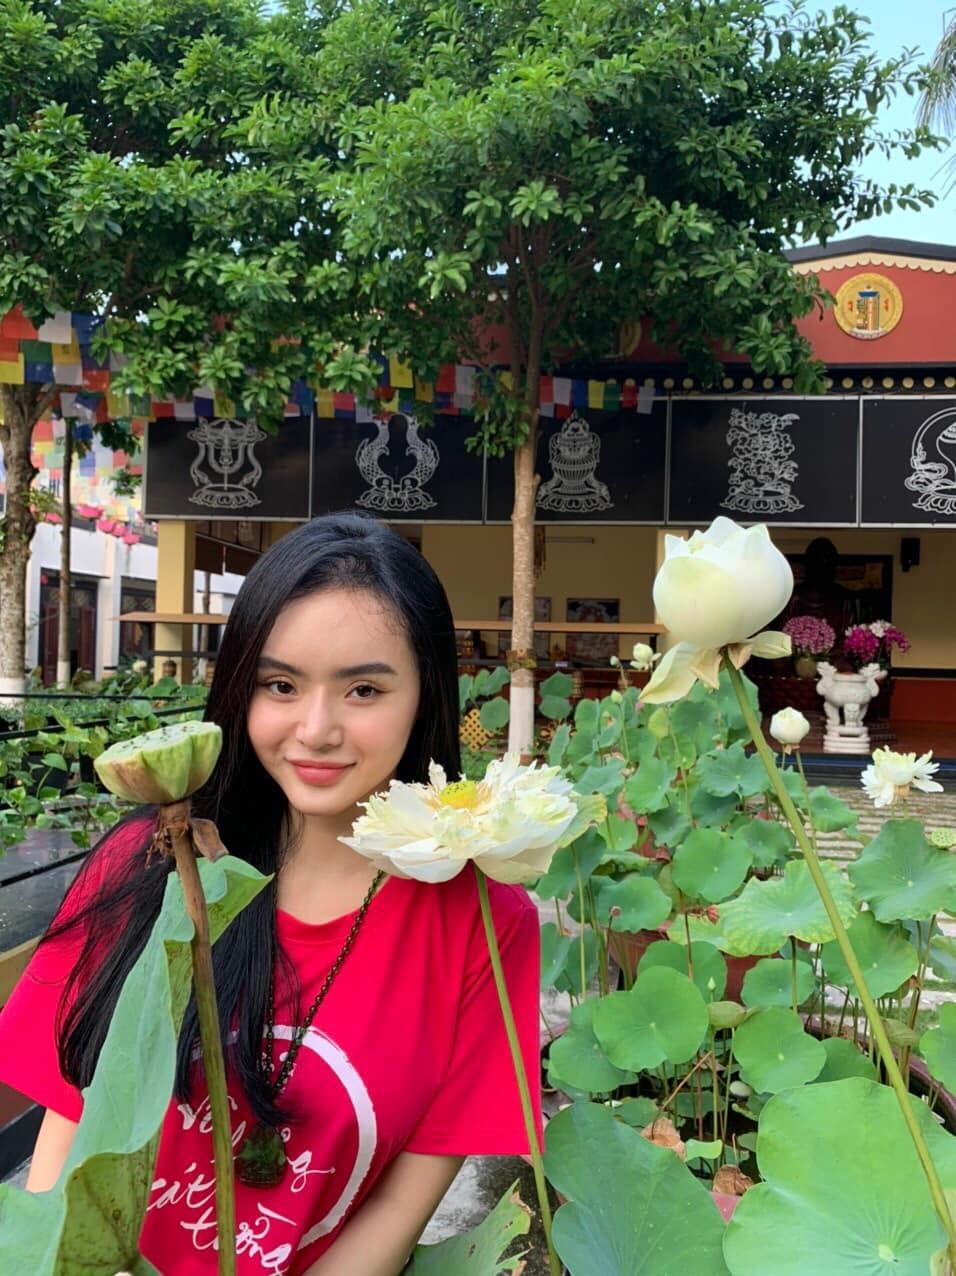 Lối sống lành mạnh, nhan sắc nhẹ nhàng của Phương Trang hiện tại khiến nhiều người ngưỡng mộ. (Ảnh: FBNV)